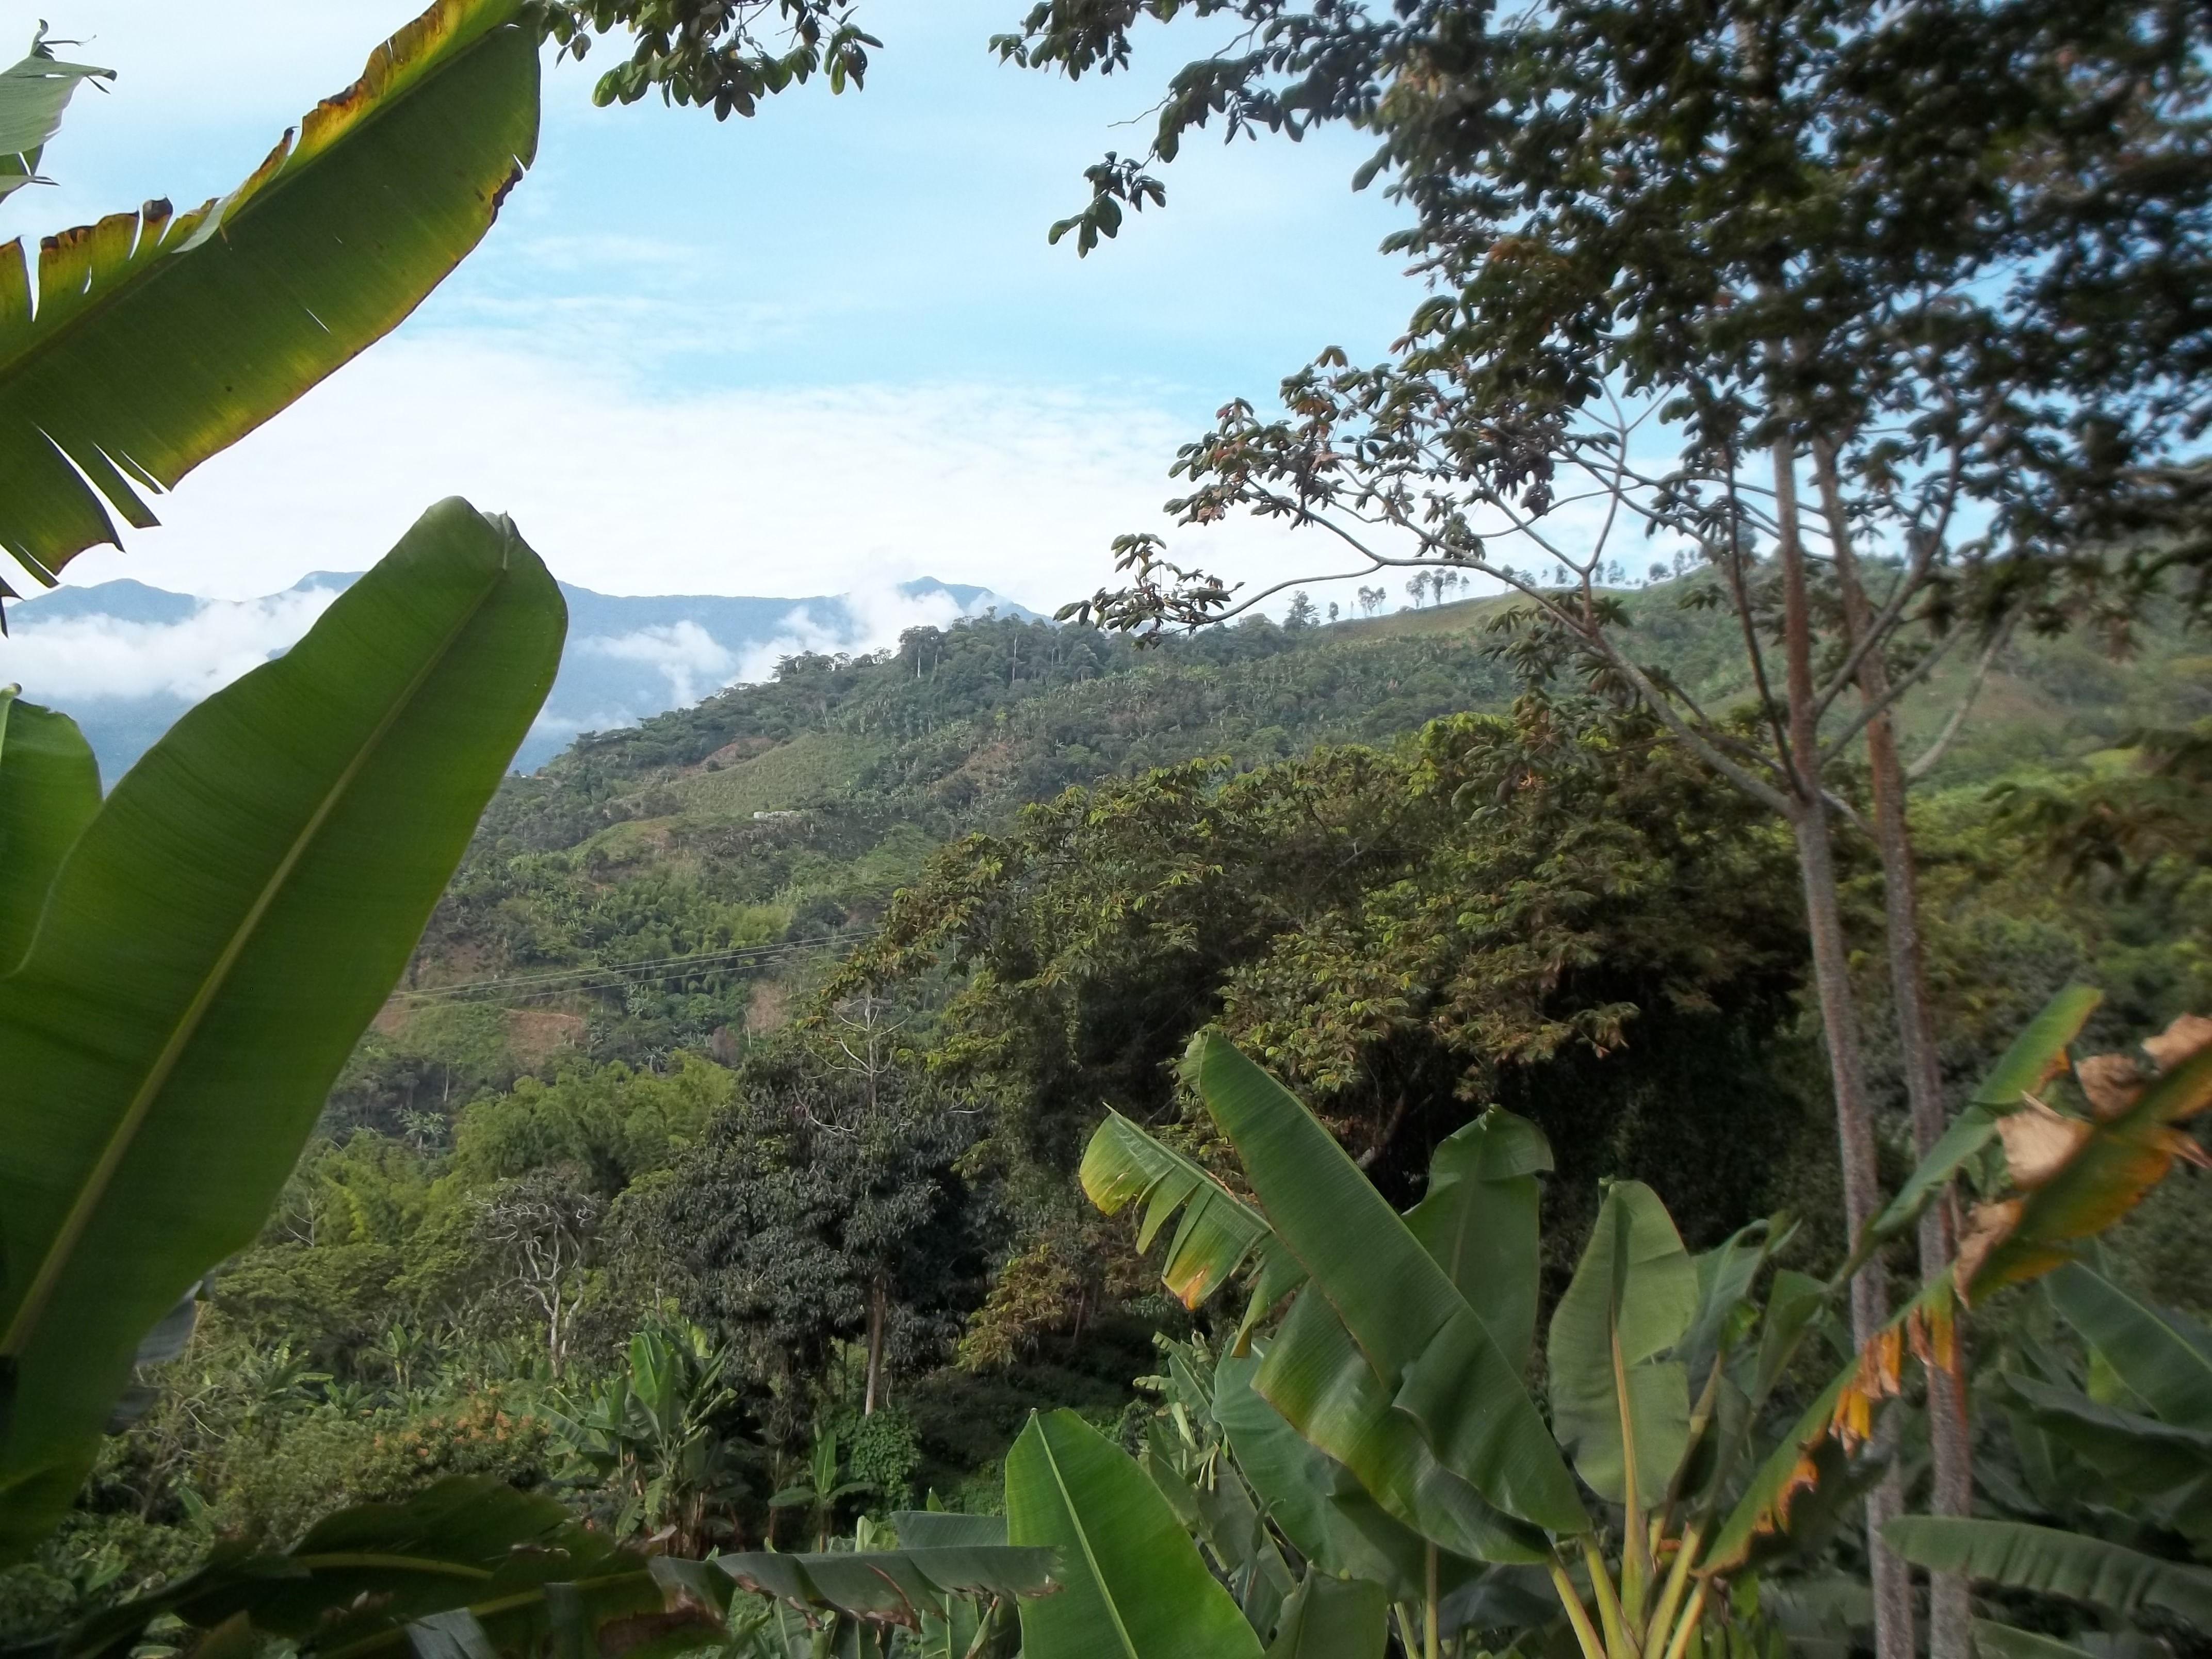 Verde que se muestra en las hojas de la mata de plátanos, café y árboles nativos de la vereda de Alto Cáceres.